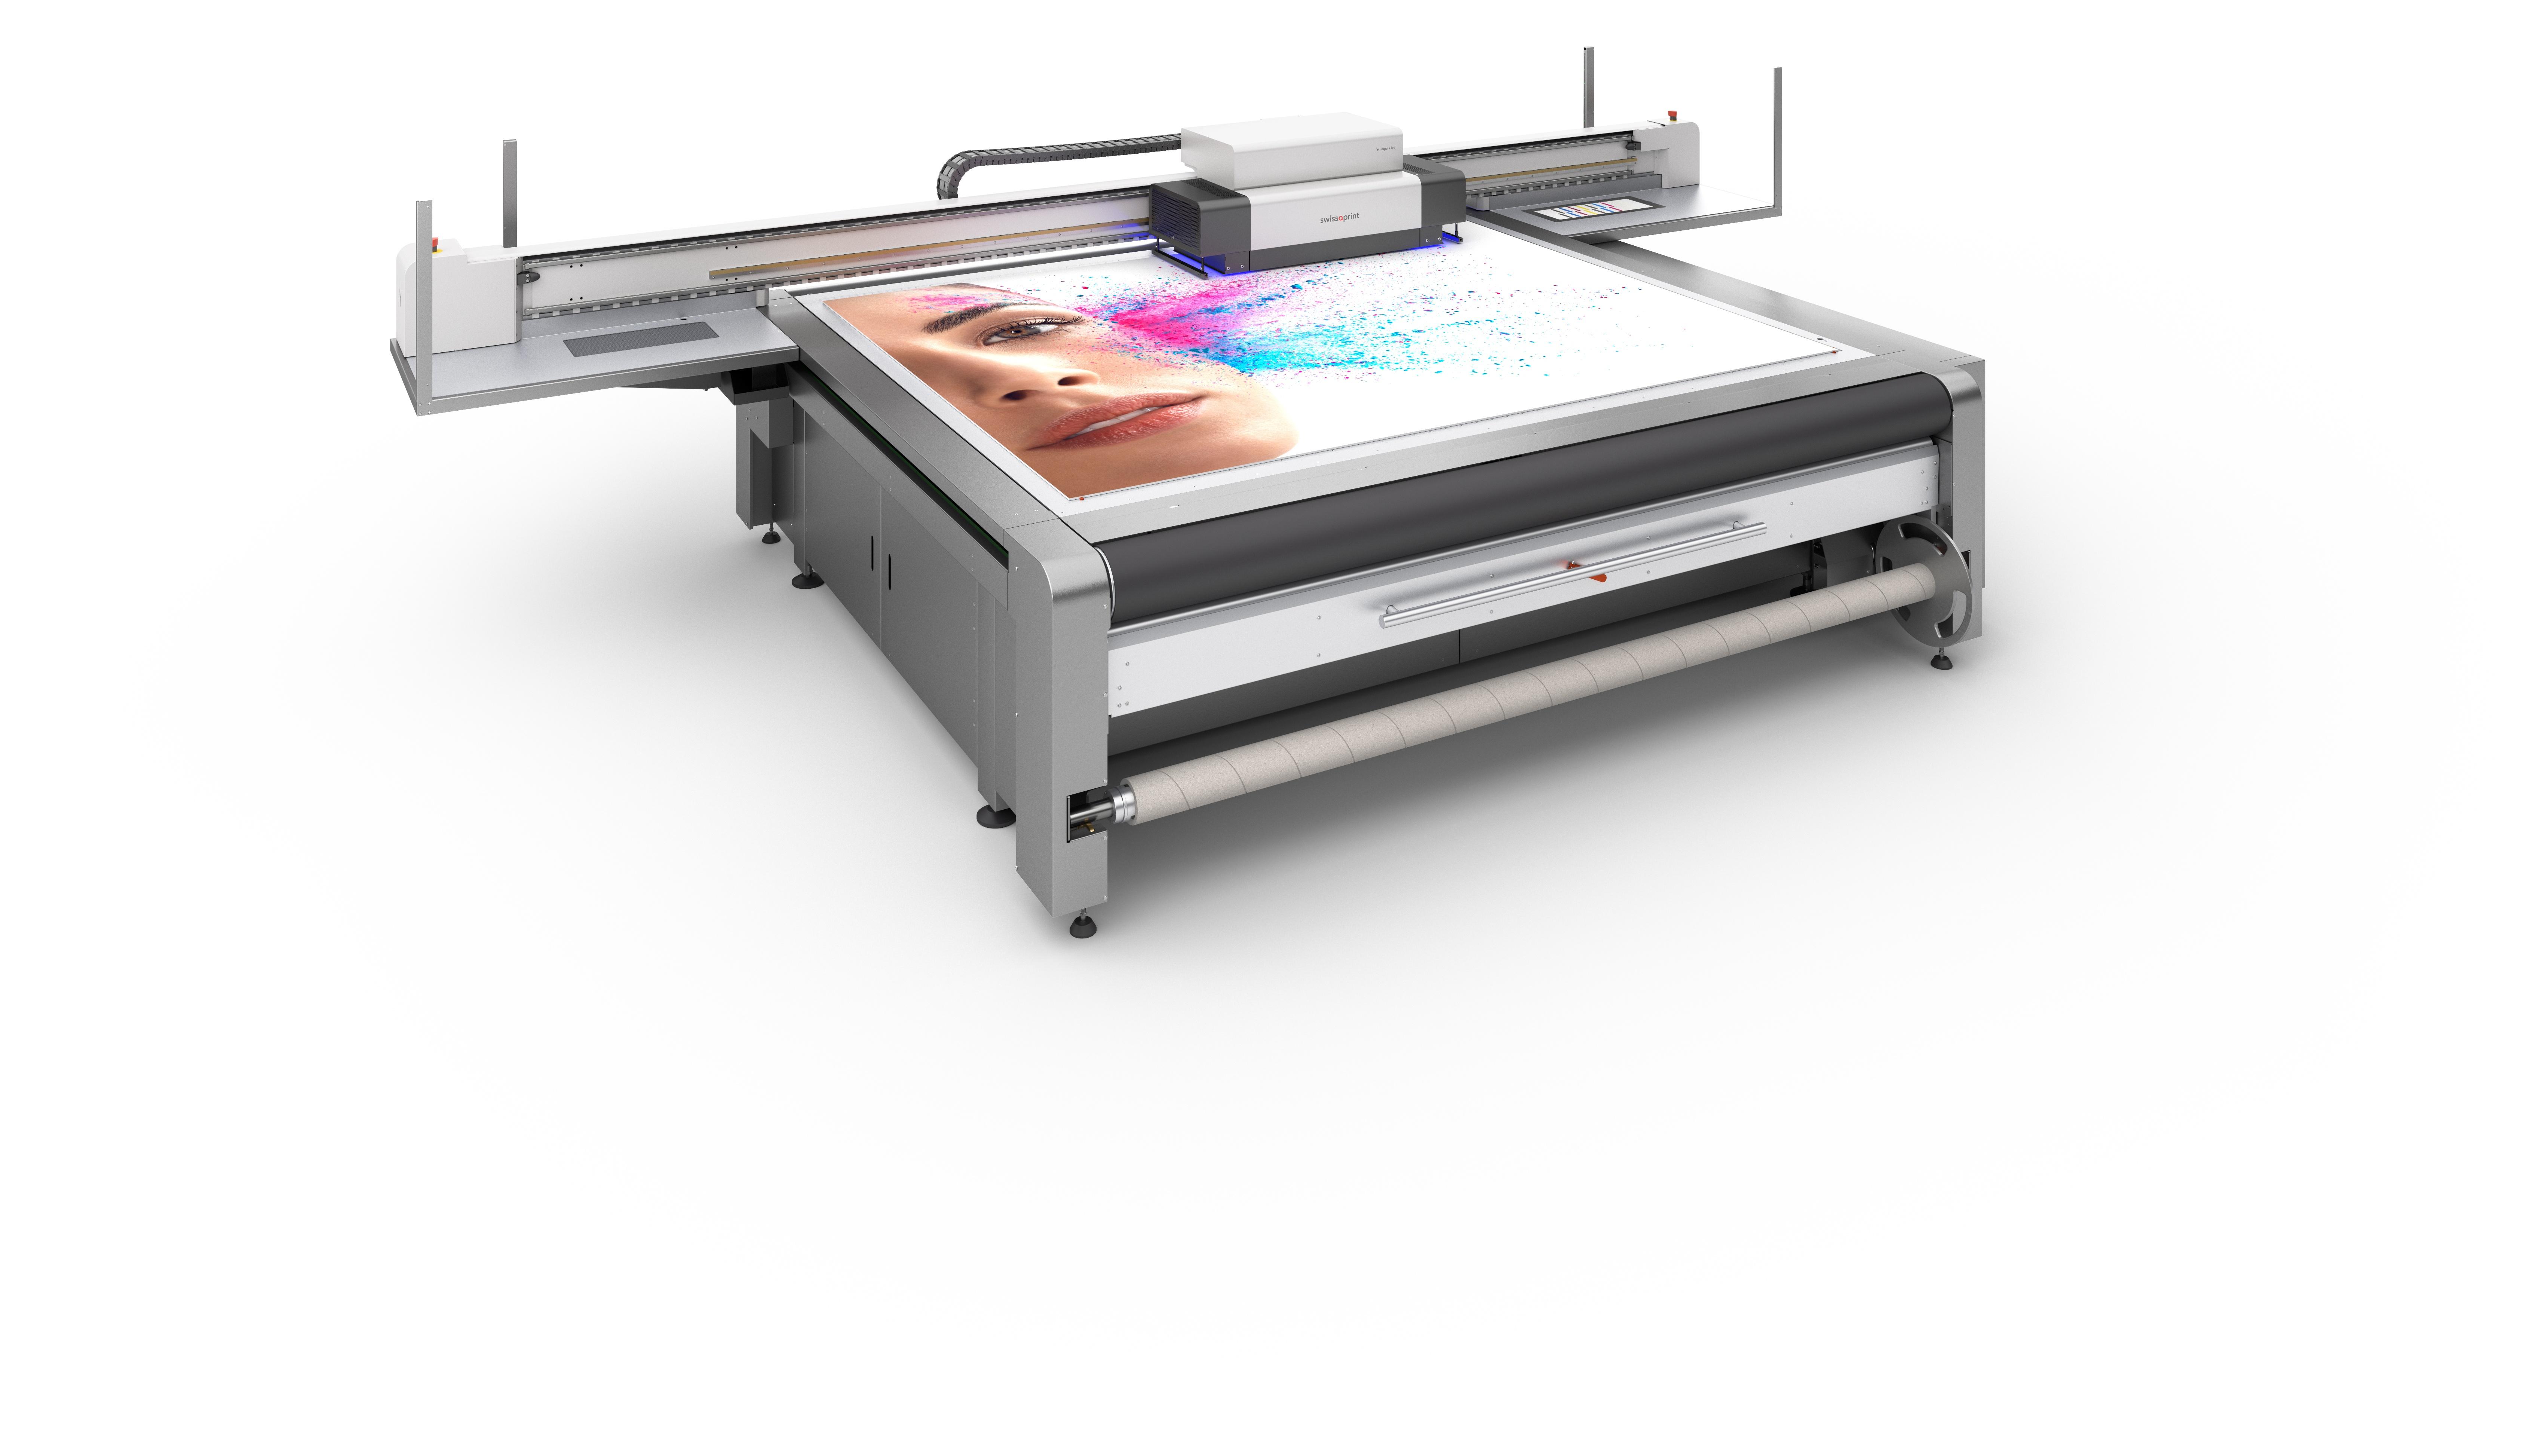 Impresora Uv Oryx Led De Gran Formato Tecnohard